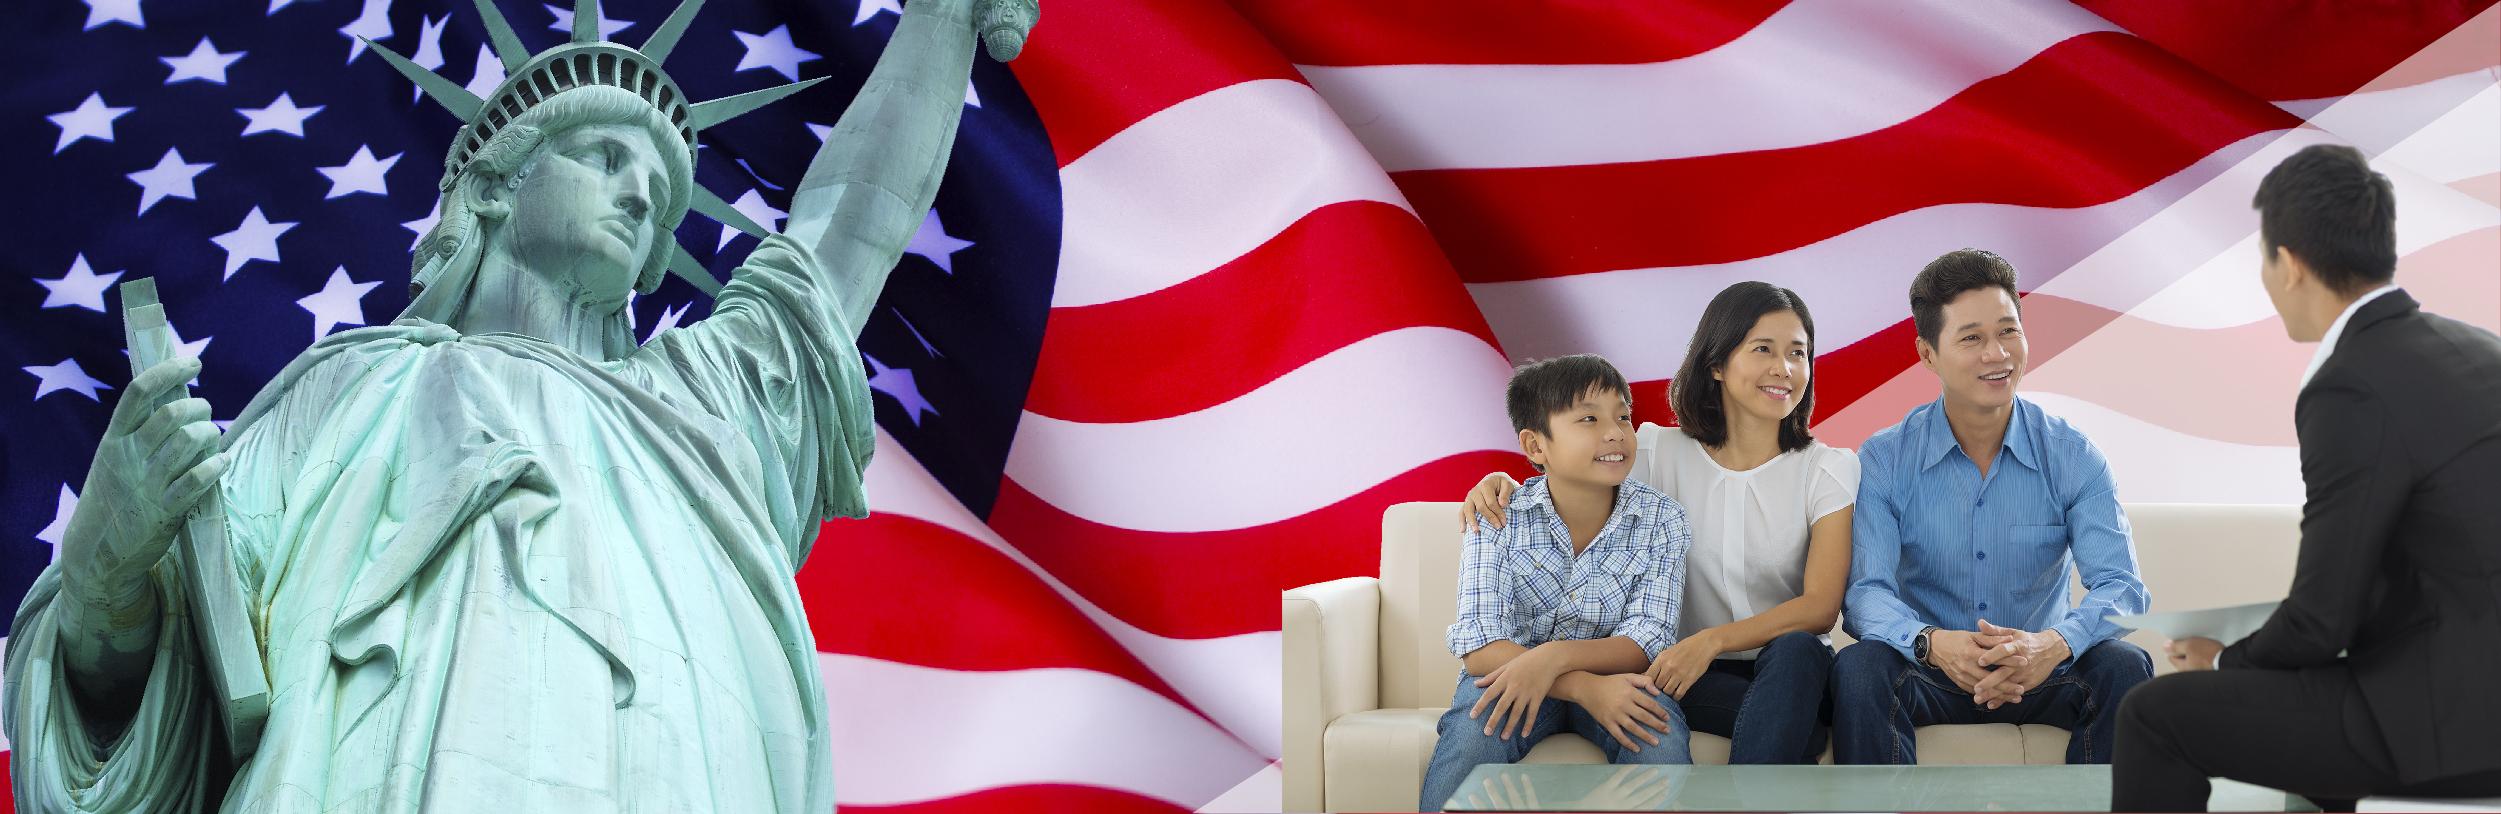 Đầu tư lấy thẻ xanh Mỹ EB-5 cho cả gia đình - Sang Mỹ nhanh, mức đầu tư thấp